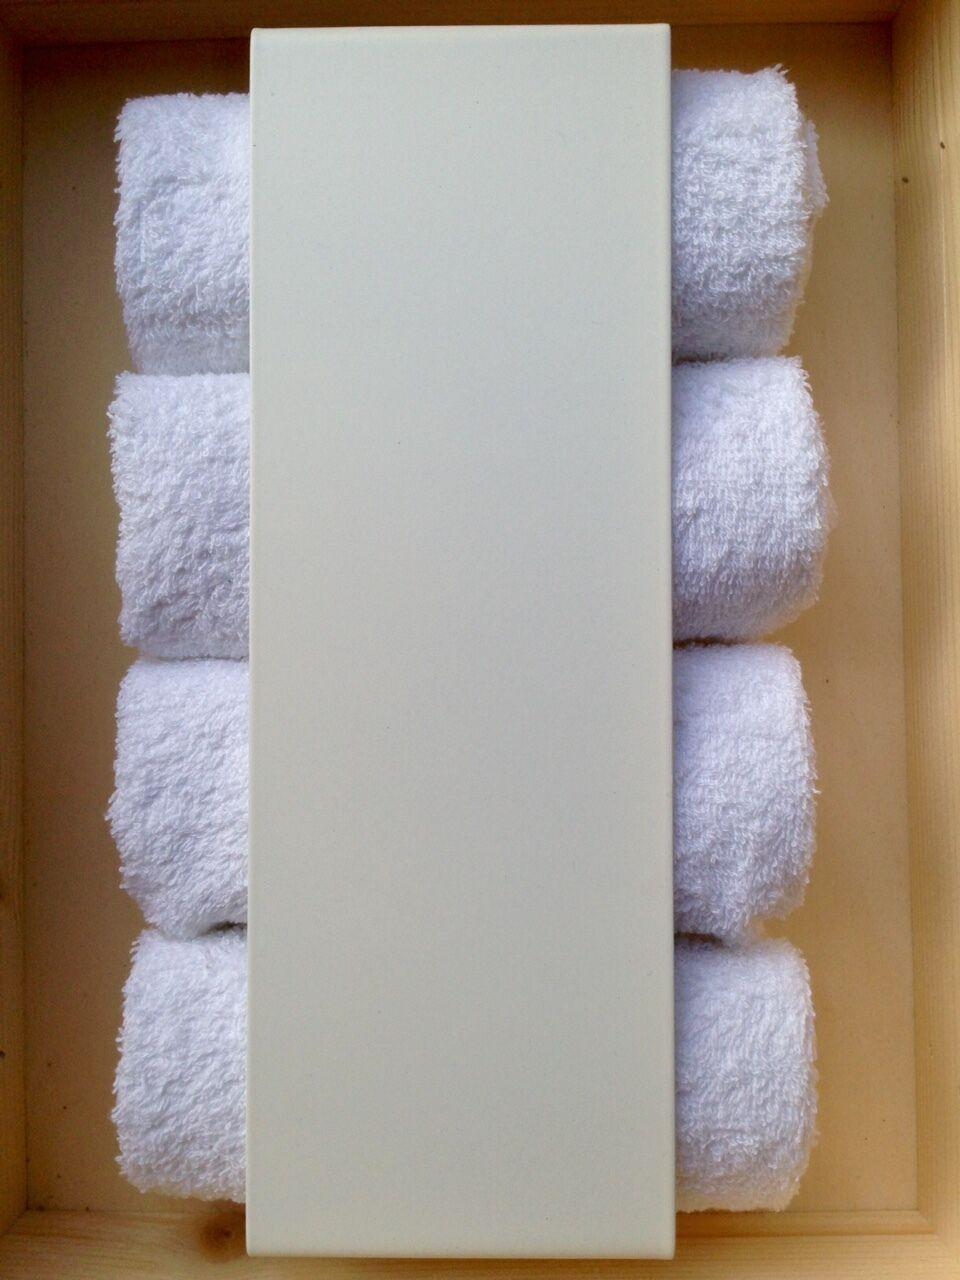 2x handtuchhalter wc g stehandt cher handtuchregal wei. Black Bedroom Furniture Sets. Home Design Ideas